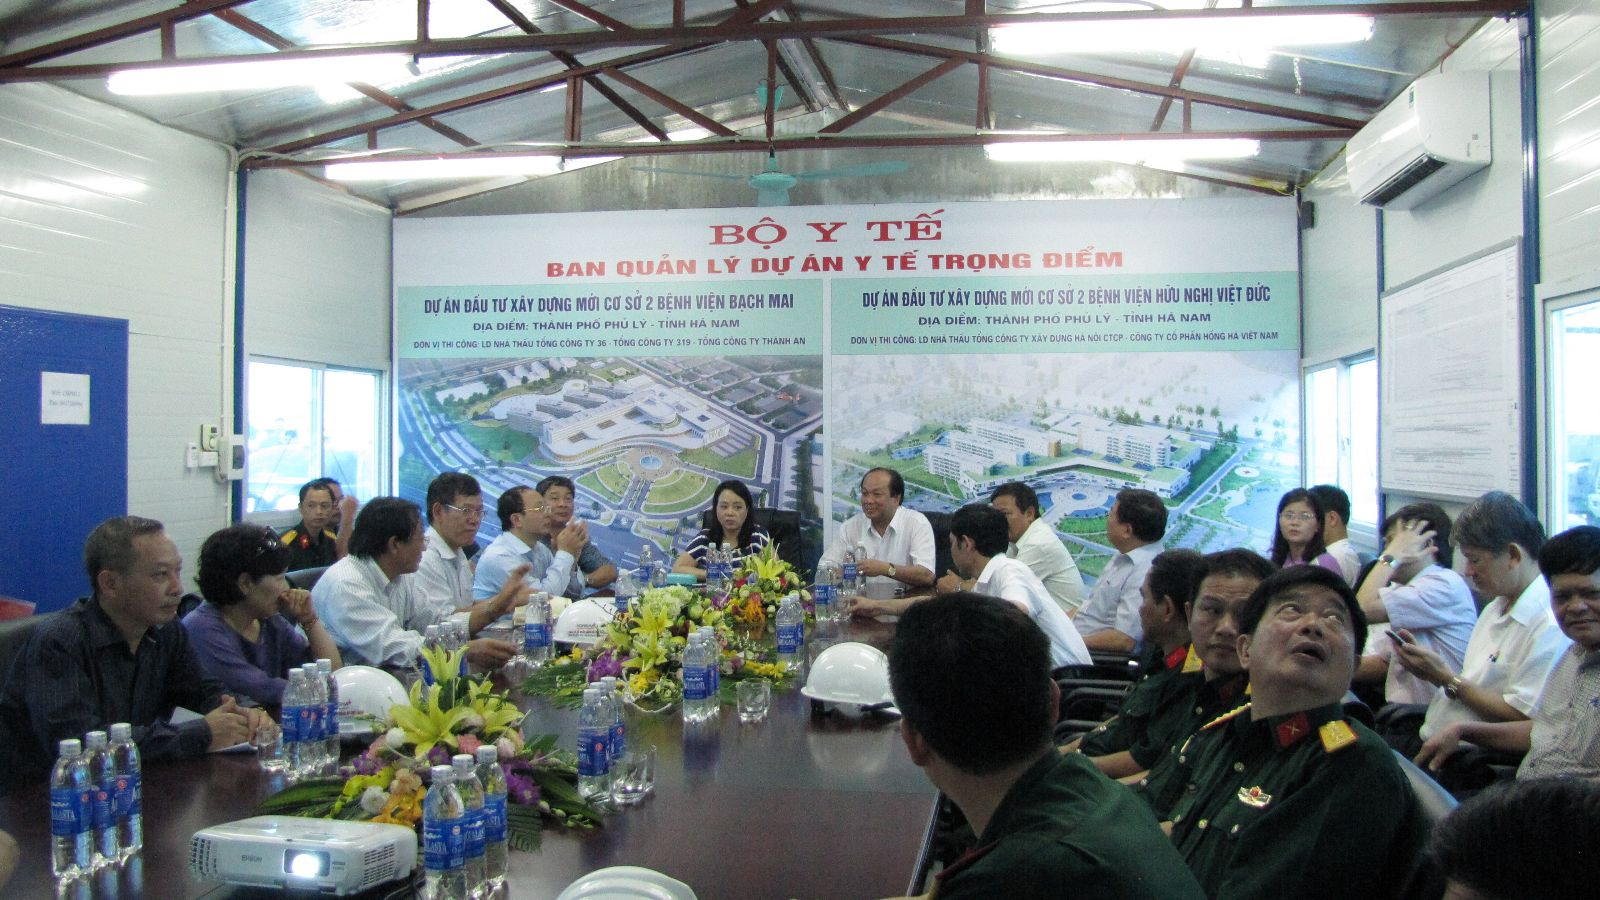 Bộ trưởng Bộ Y tế nghe các đơn vị báo cáo tiến độ và kế hoạch thực hiện các gói thầu